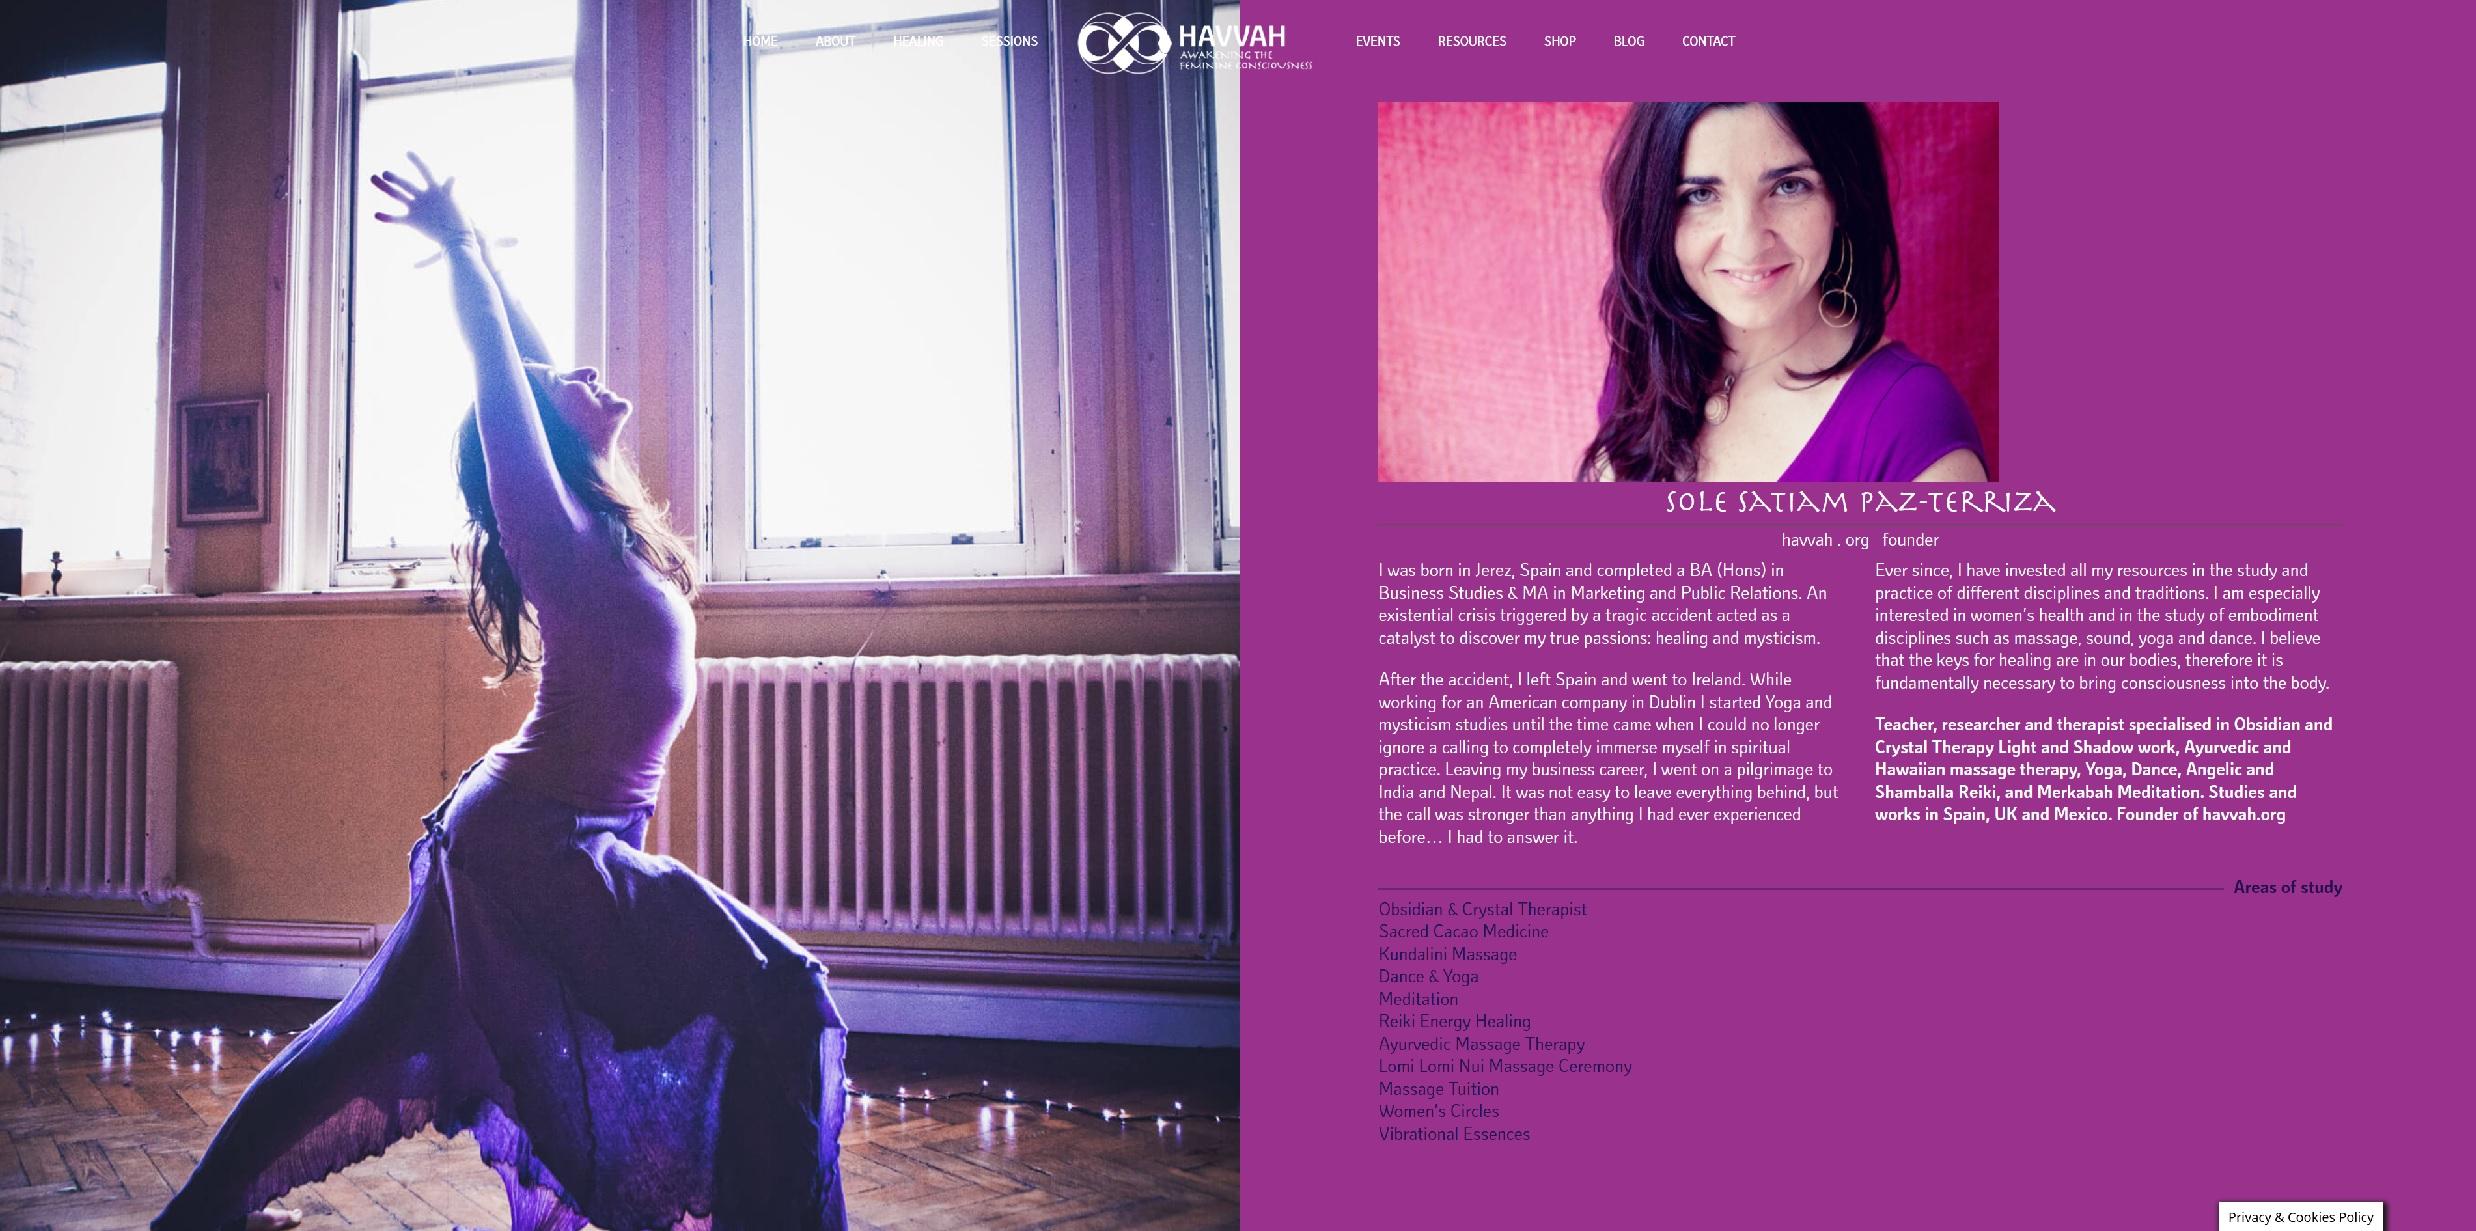 Diseño web para empresa  Havvah en Stroud Inglaterra, Reino Unido